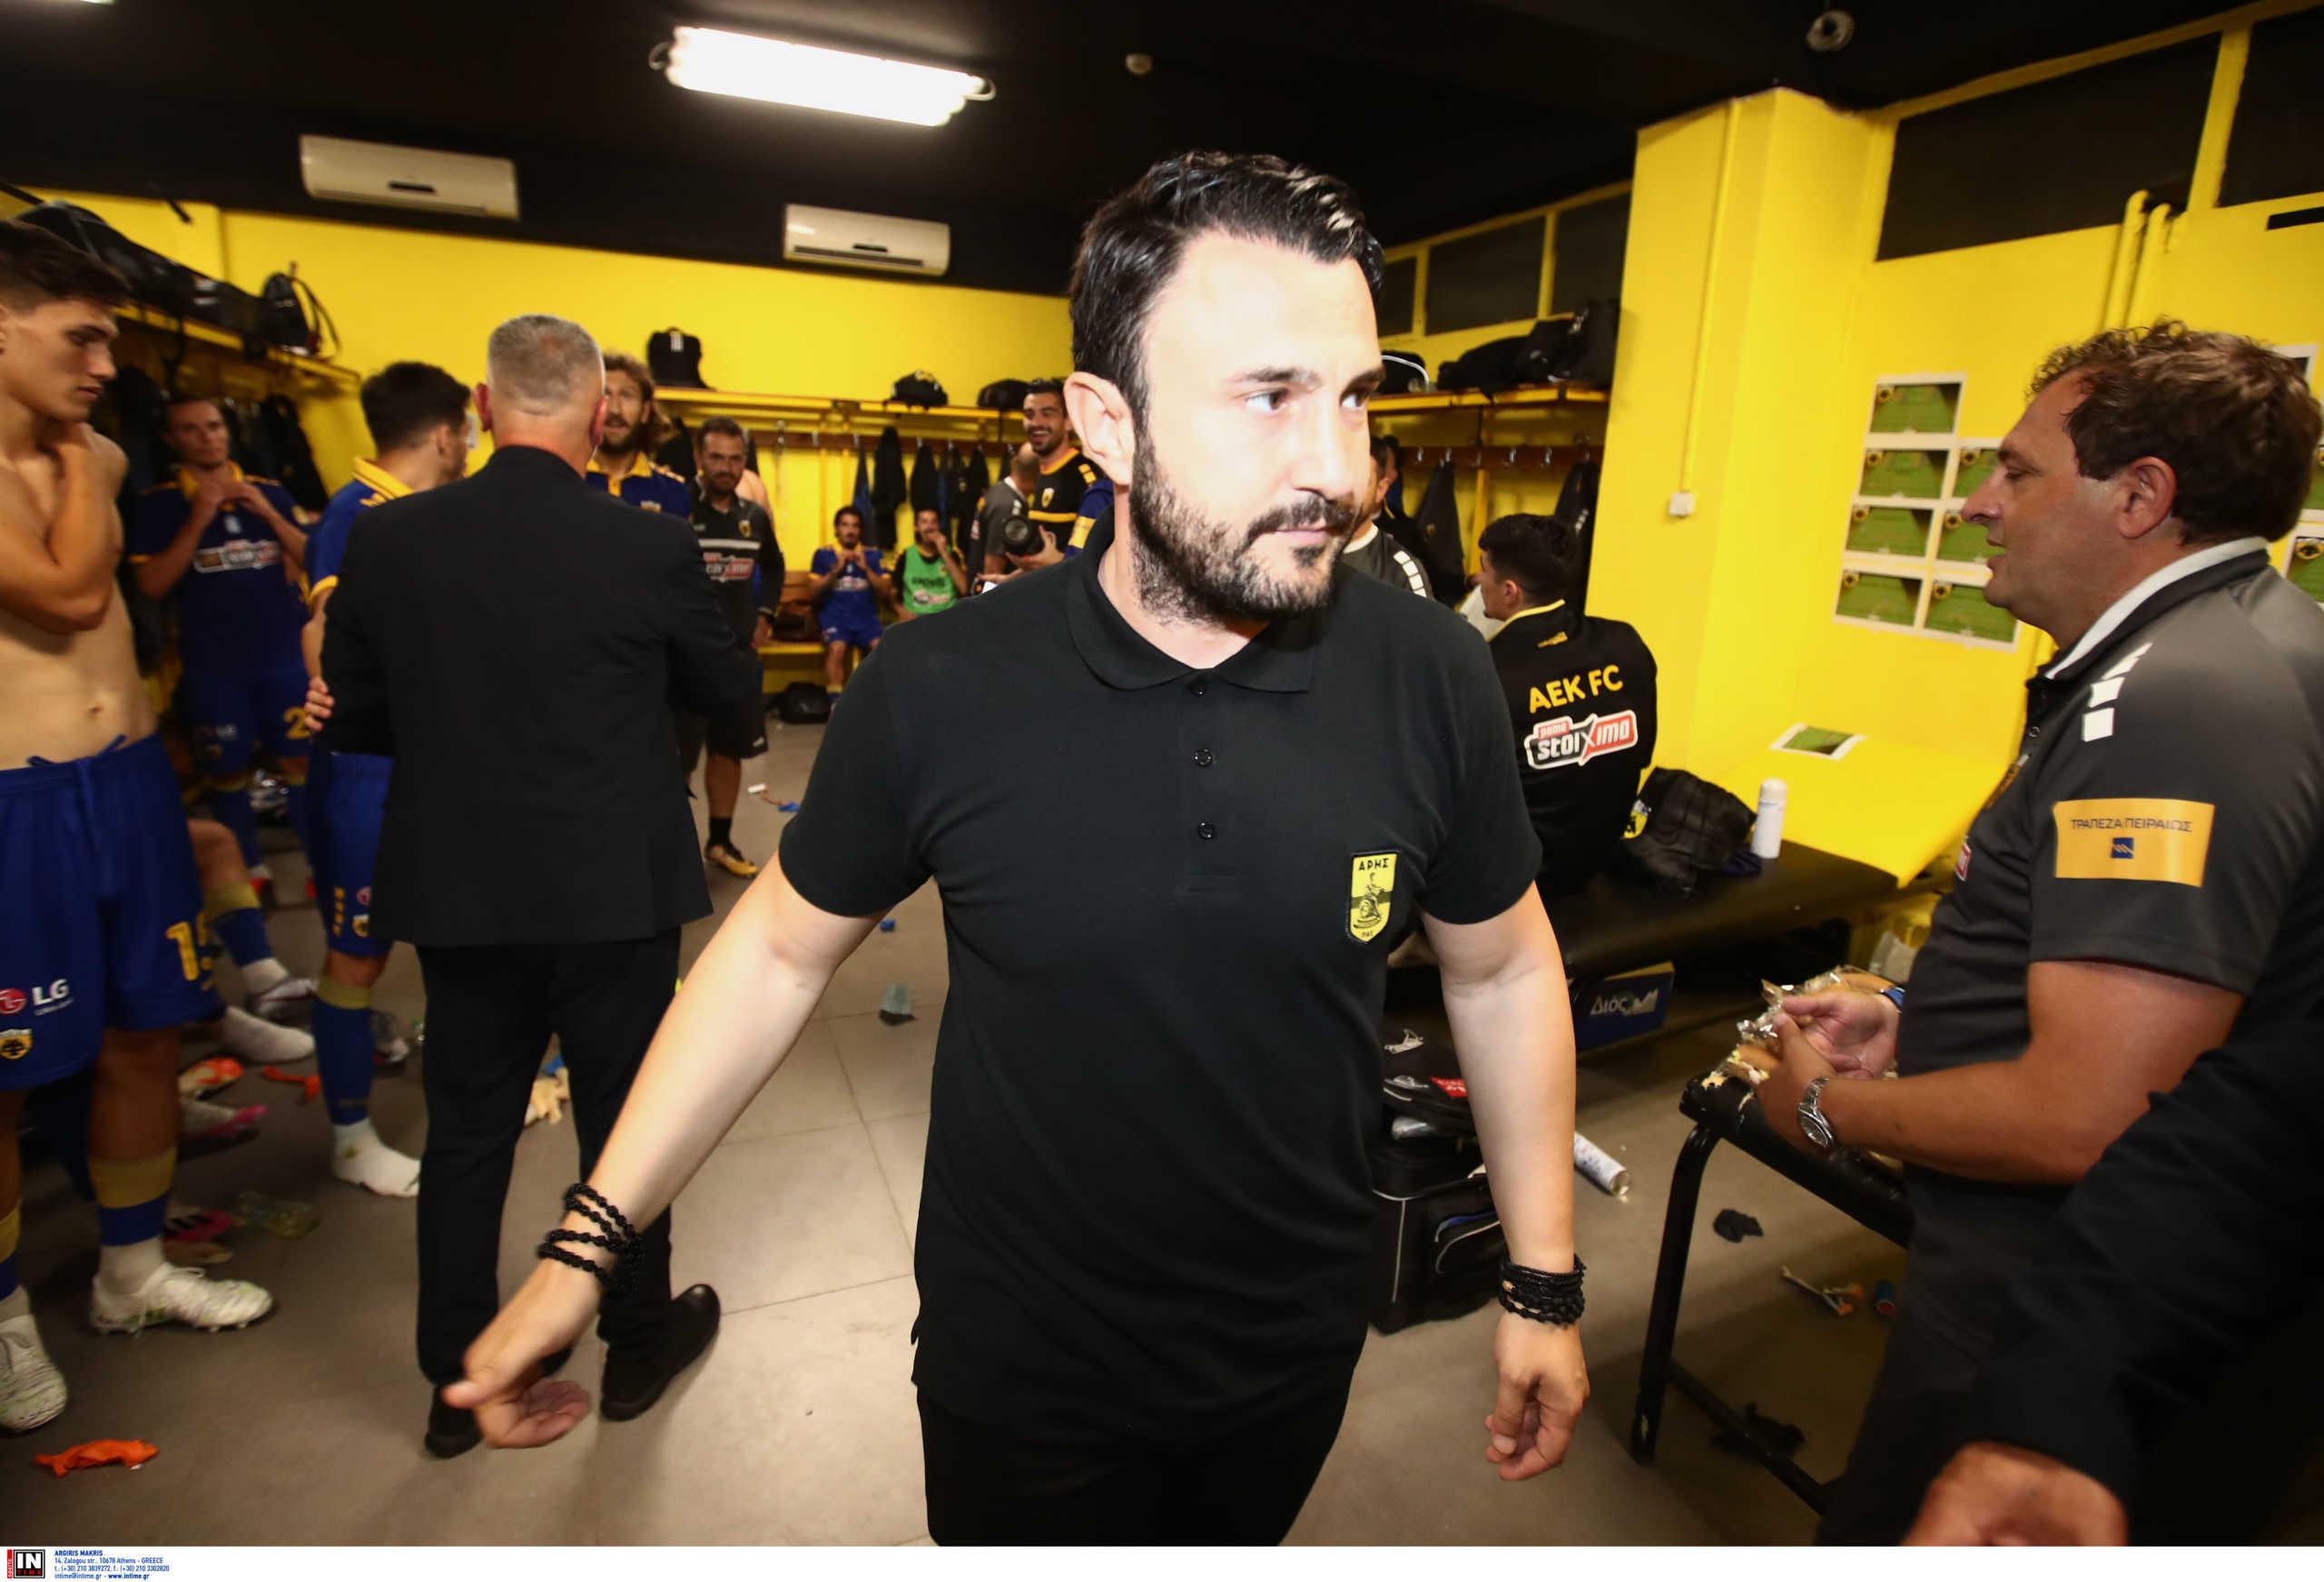 Άρης: Συναντήθηκε με Κλάτενμπεργκ ο Καρυπίδης, ζήτησε ξένους διαιτητές στα πλέι οφ